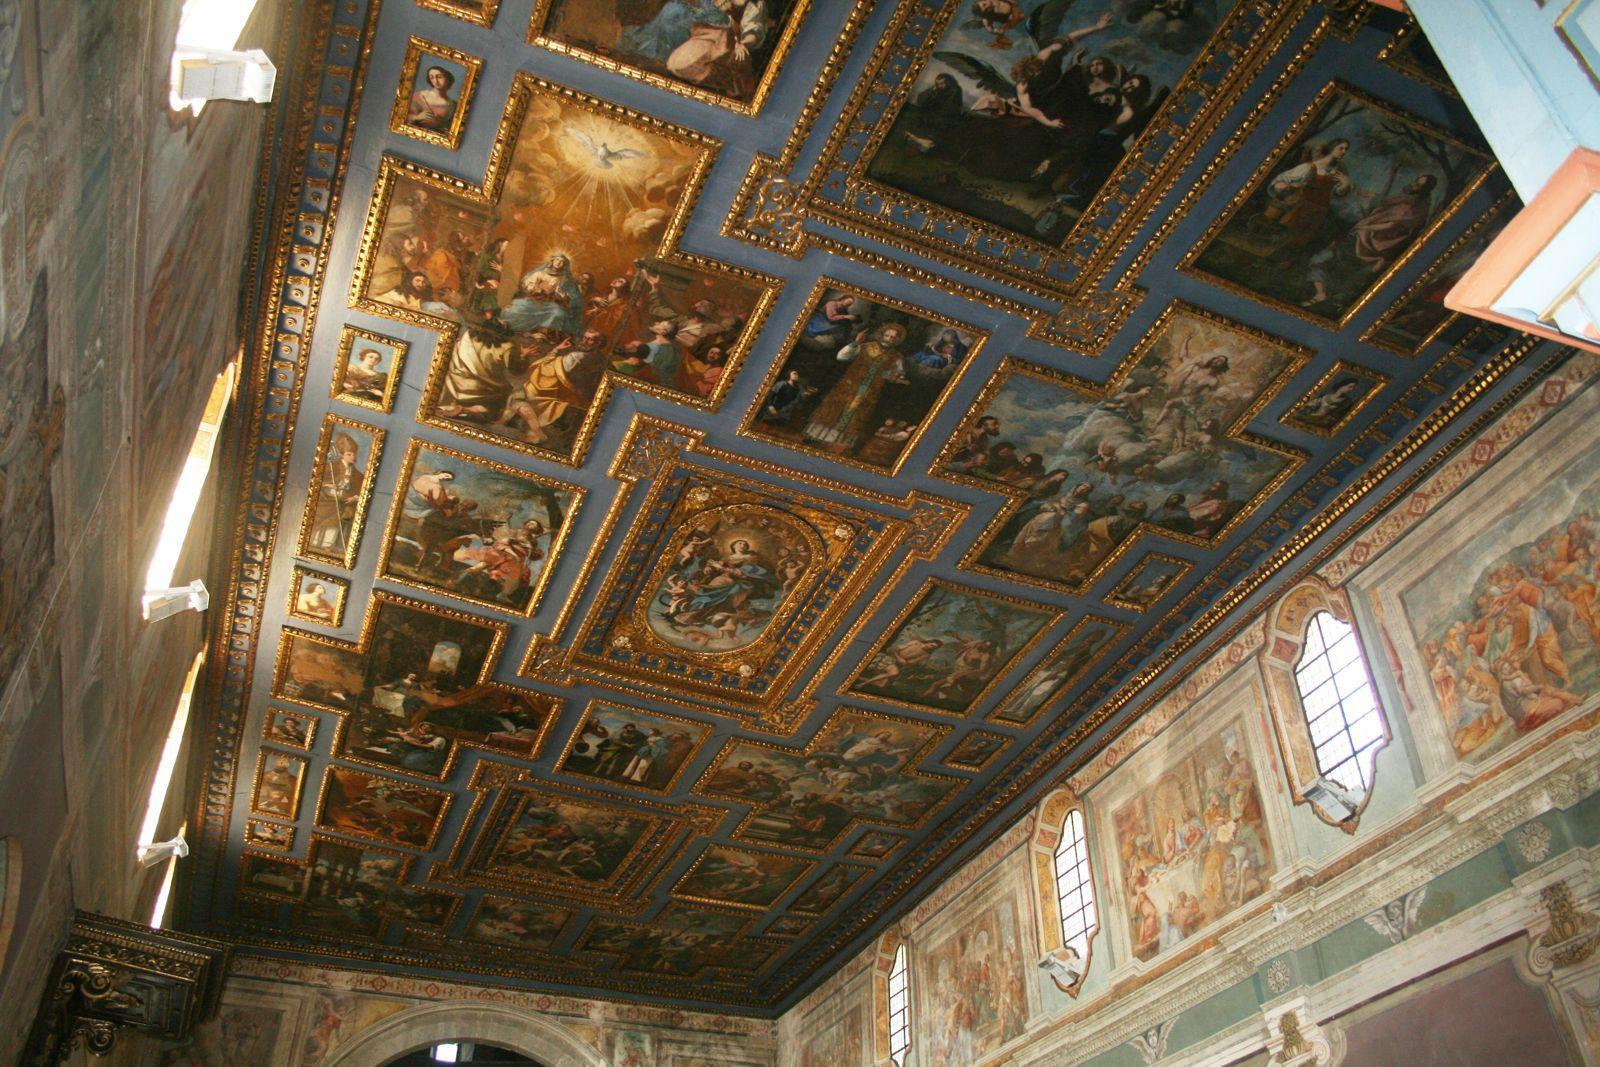 Michele Ragolia, Storie del Vecchio e Nuovo Testamento